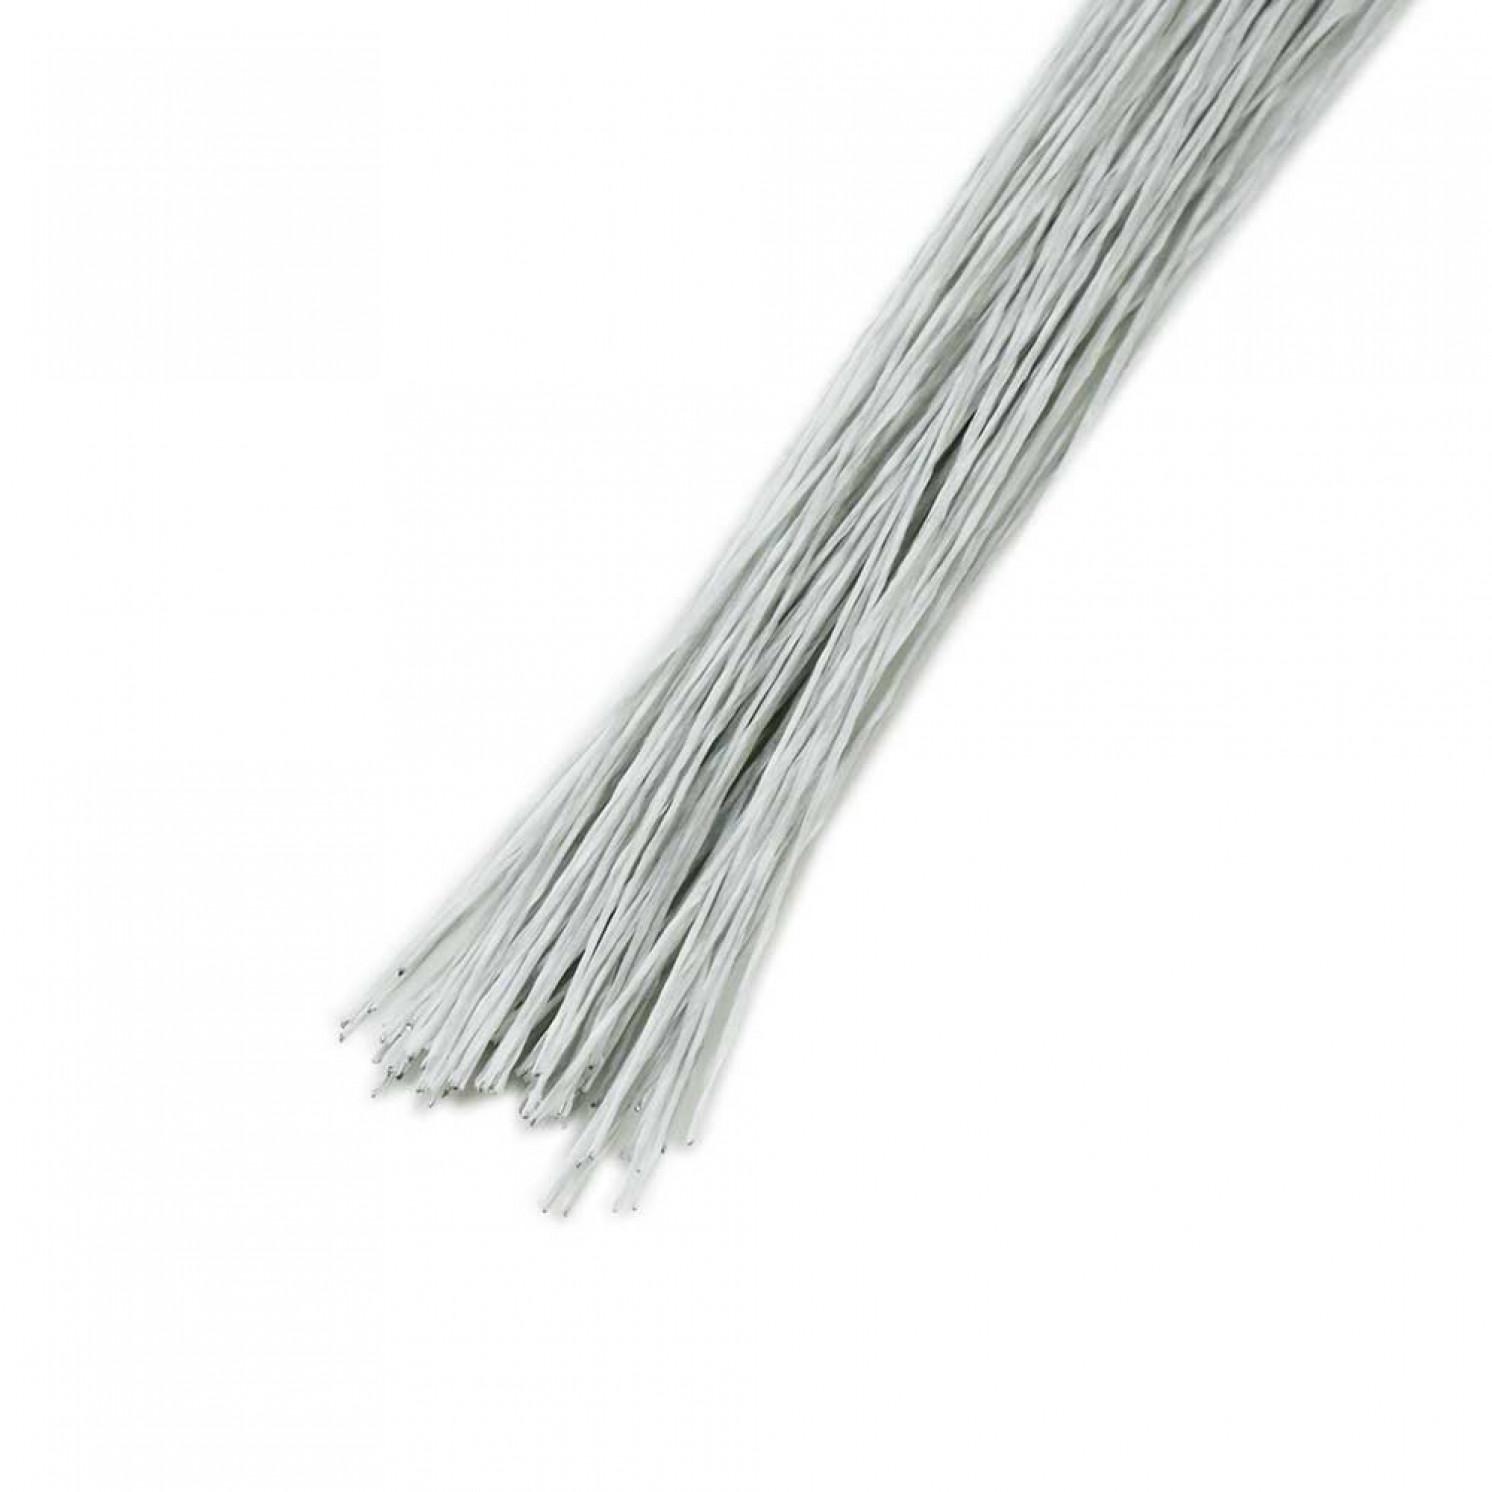 Проволока в бумажной обмотке пучок 80 шт, 36 см D=0,55мм ;№ 24 белая